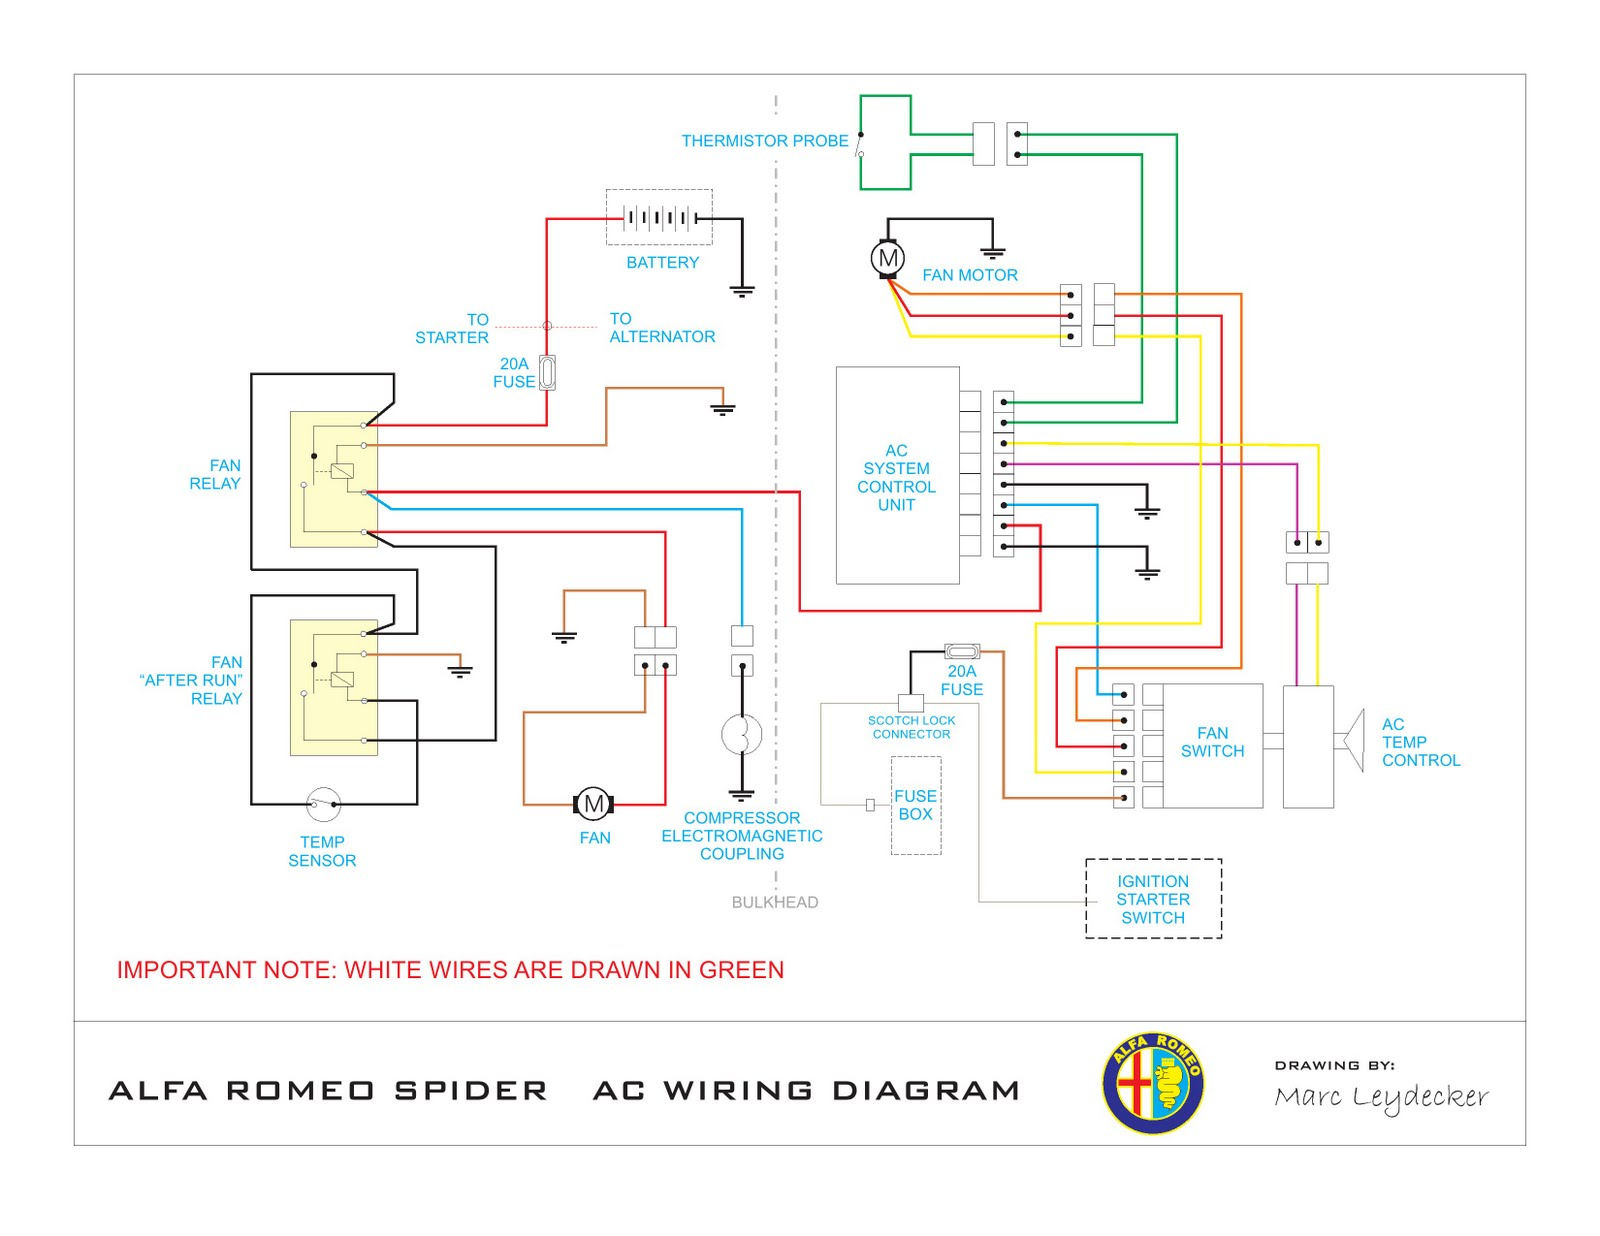 Alfa Romeo Spider AC Wiring Diagram | Schematic Wiring